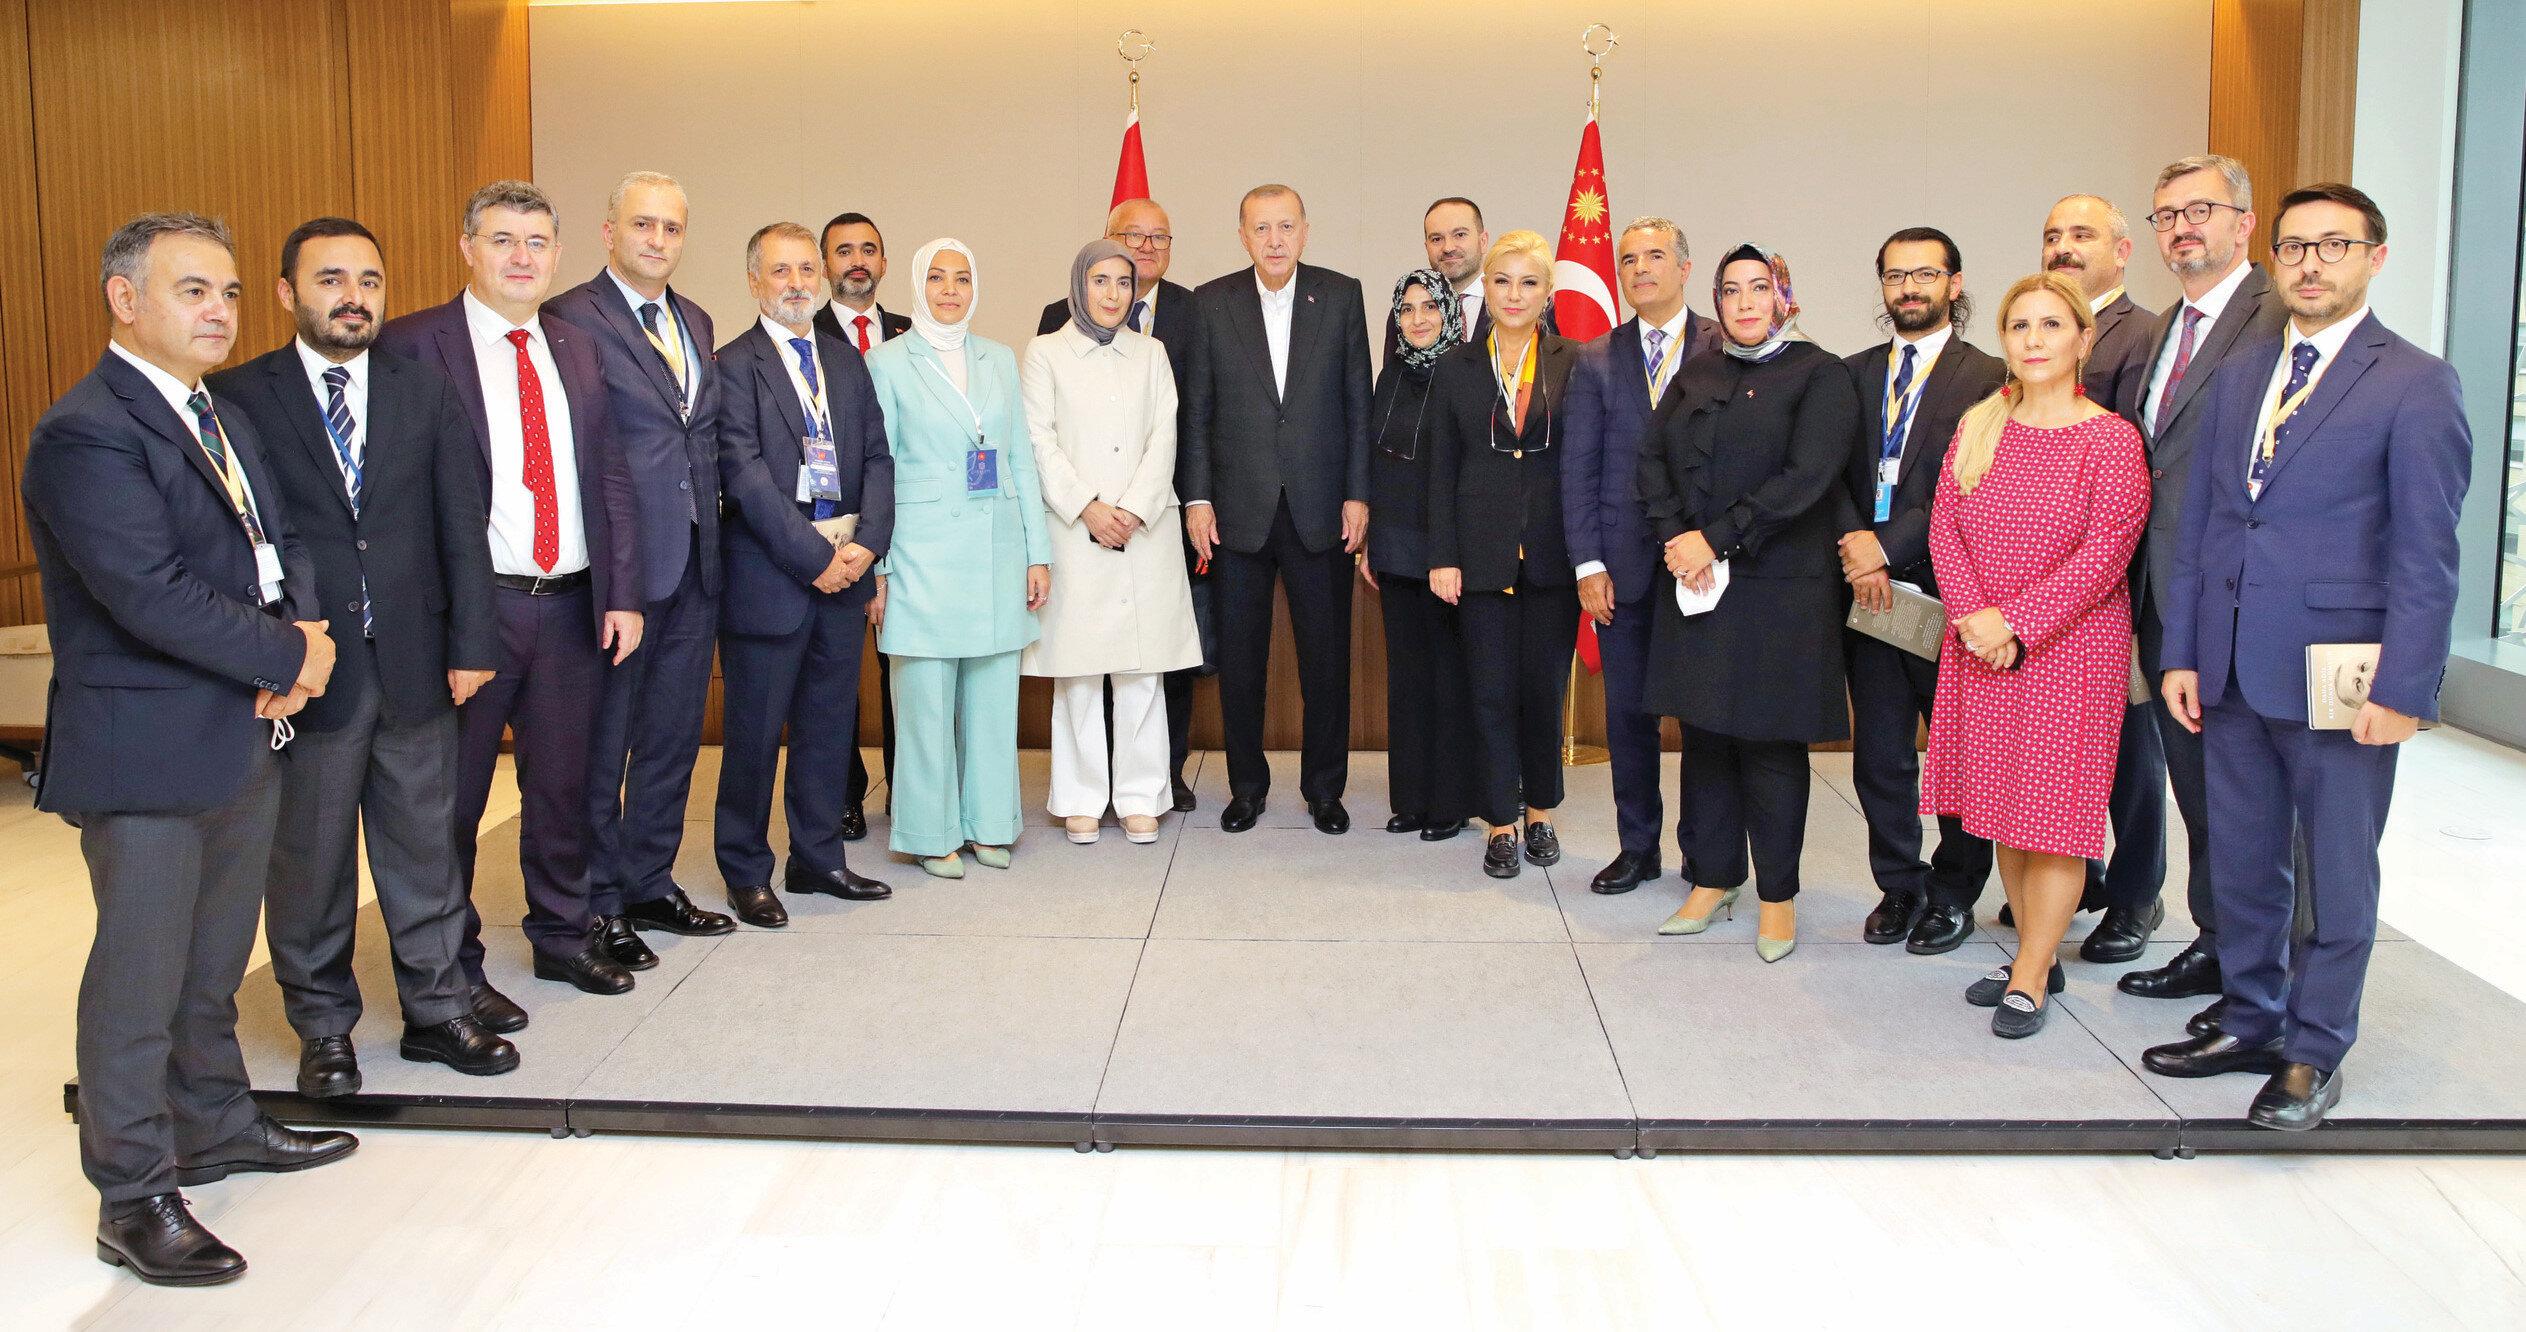 Cumhurbaşkanı Erdoğan, ABD ziyareti sonunda New York'taki Türkevi'nde gazetecilerin sorularını yanıtladı.